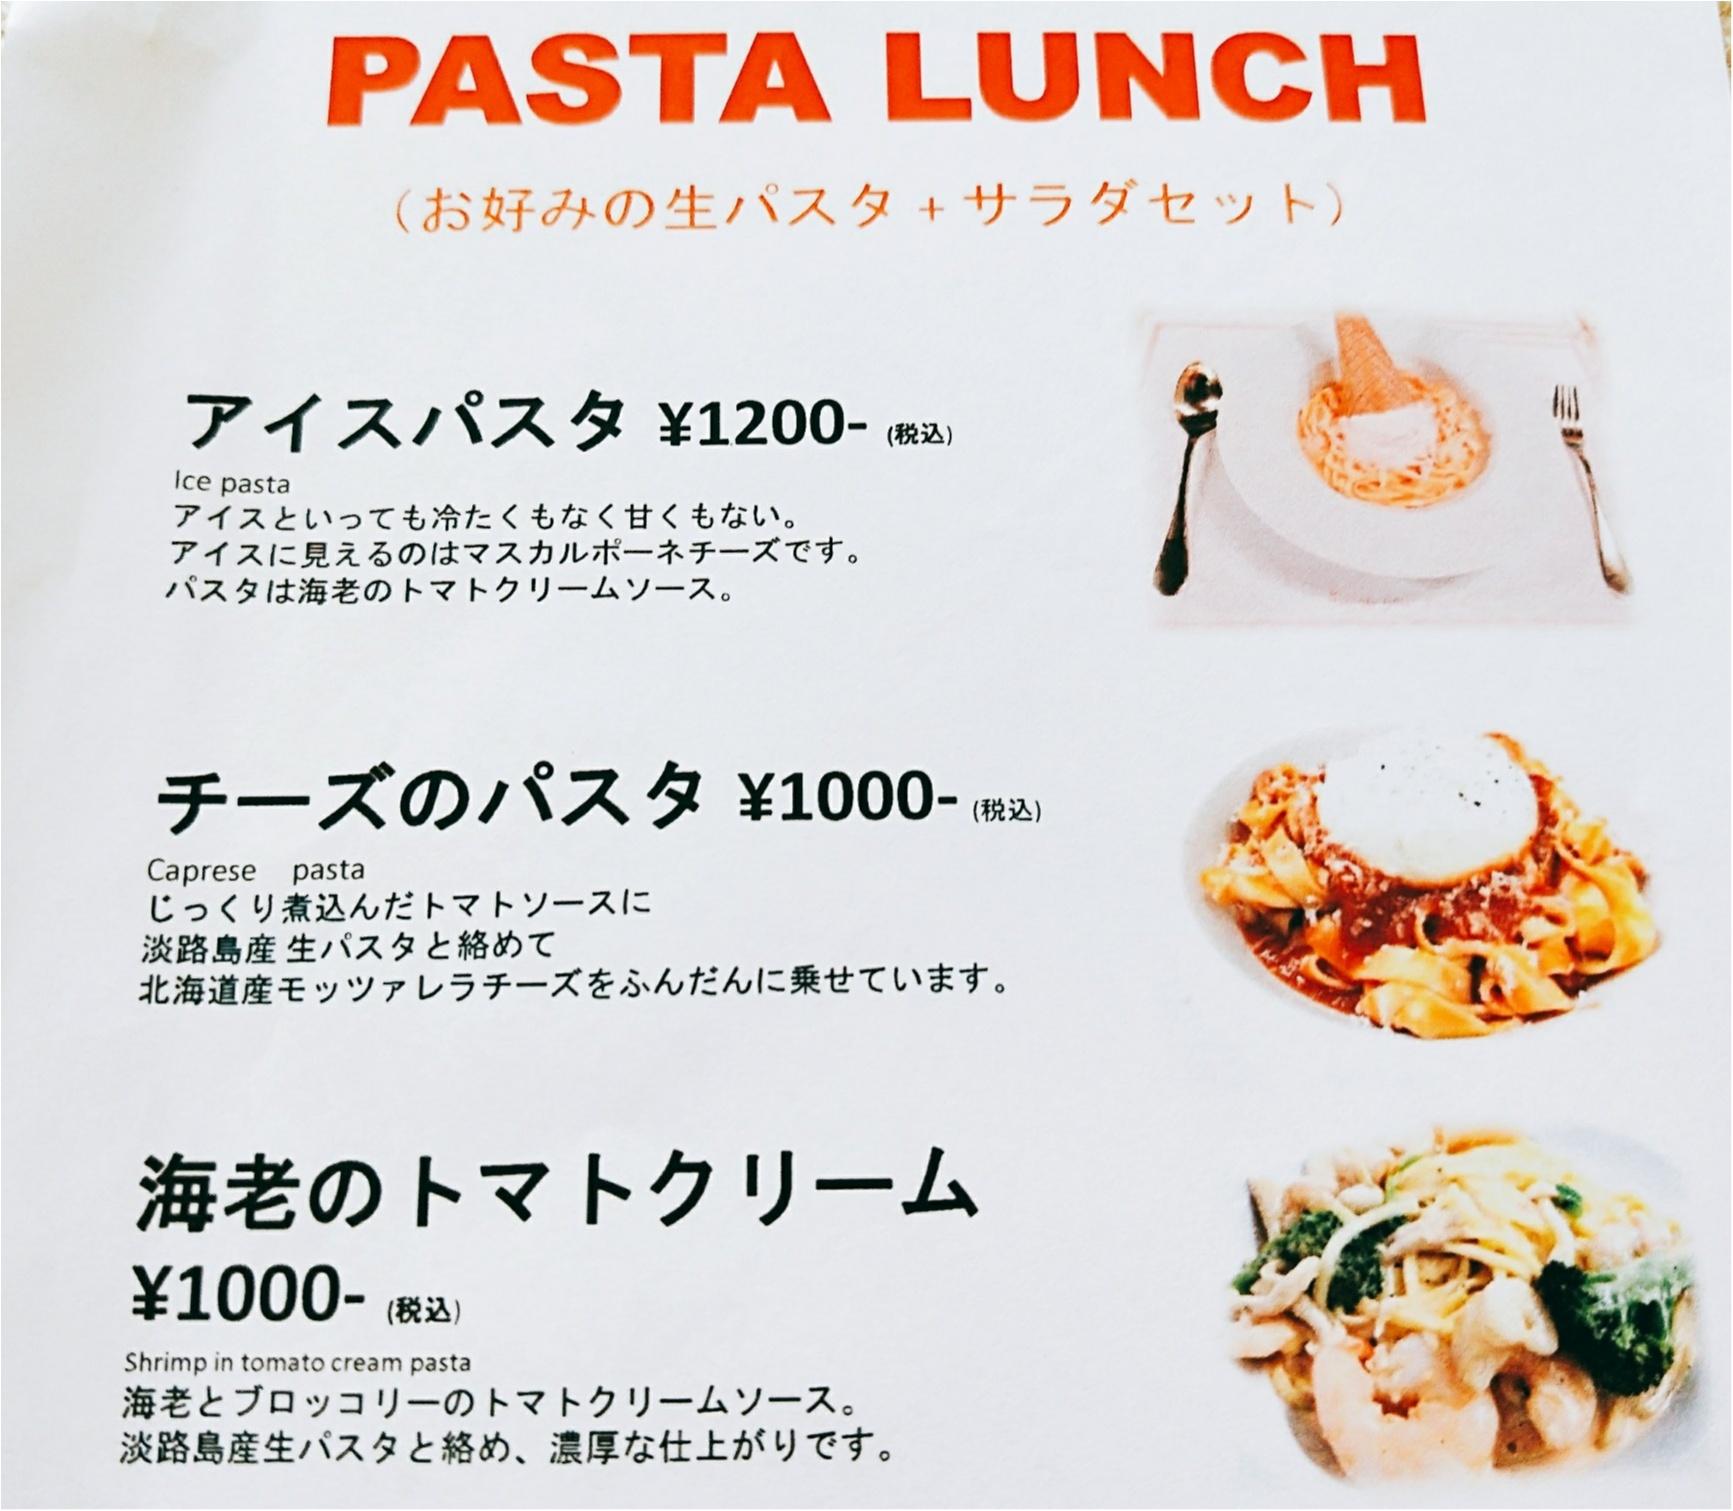 【恵比寿】フォトジェニックな『アイスパスタ』でランチ♡_3